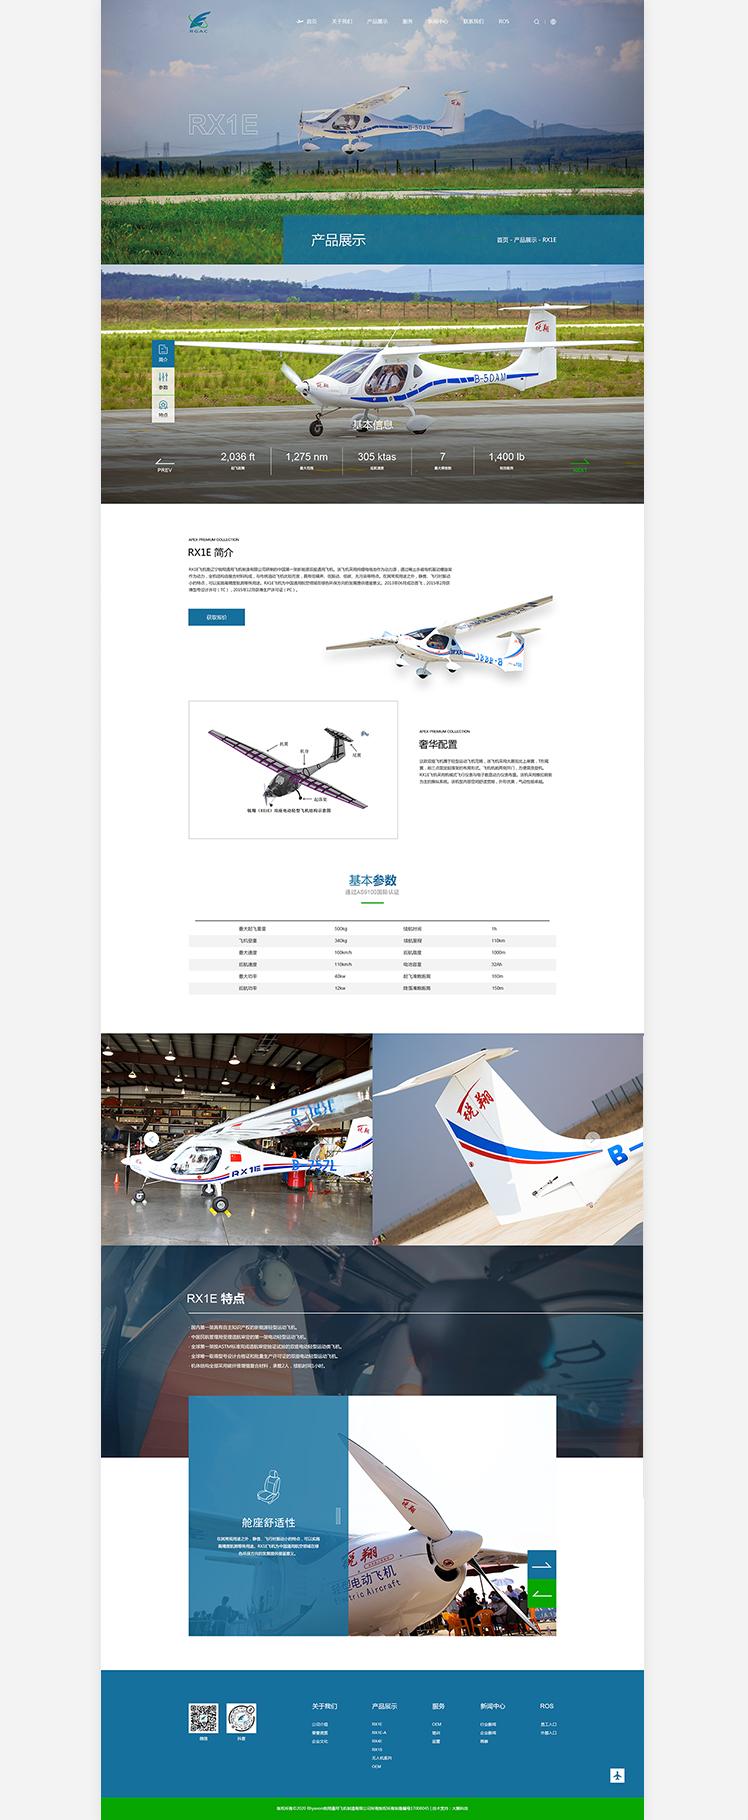 辽宁锐翔通用飞机制造有限公司